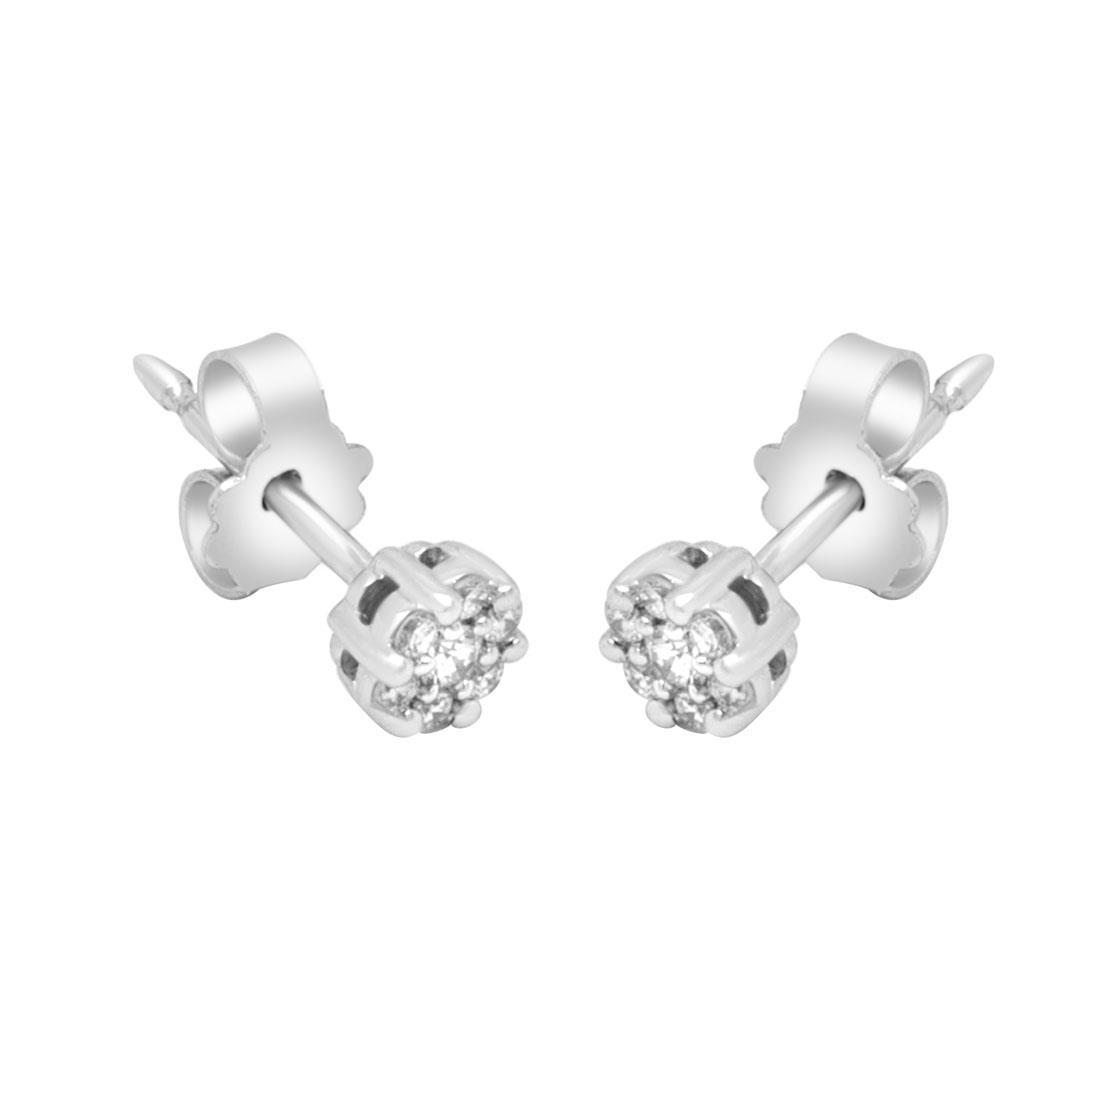 Orrecchini in oro bianco con diamanti ct 0.15 - ALFIERI ST JOHN